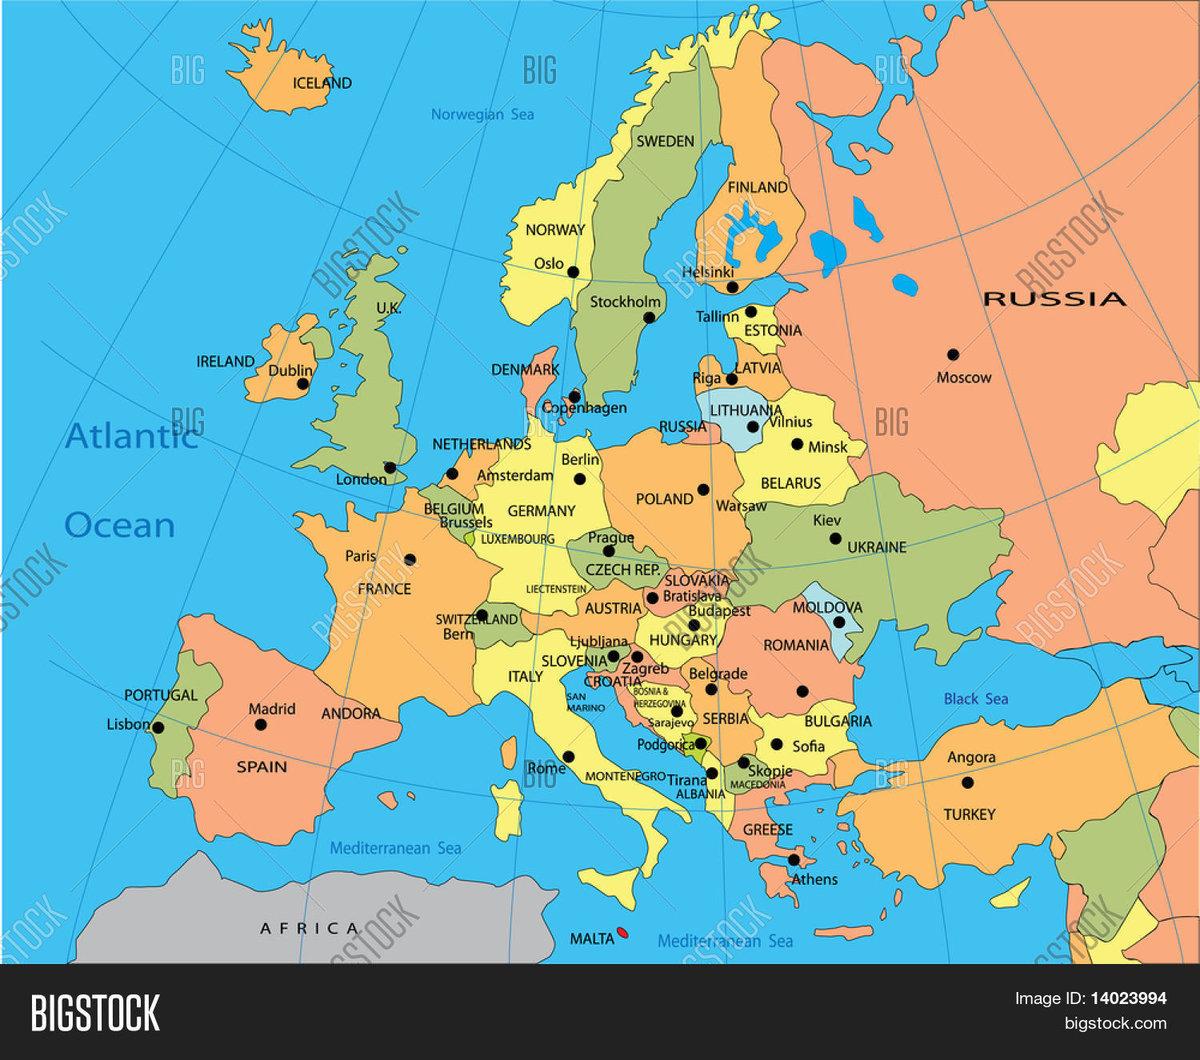 центре карта европы со странами крупно фото его основе